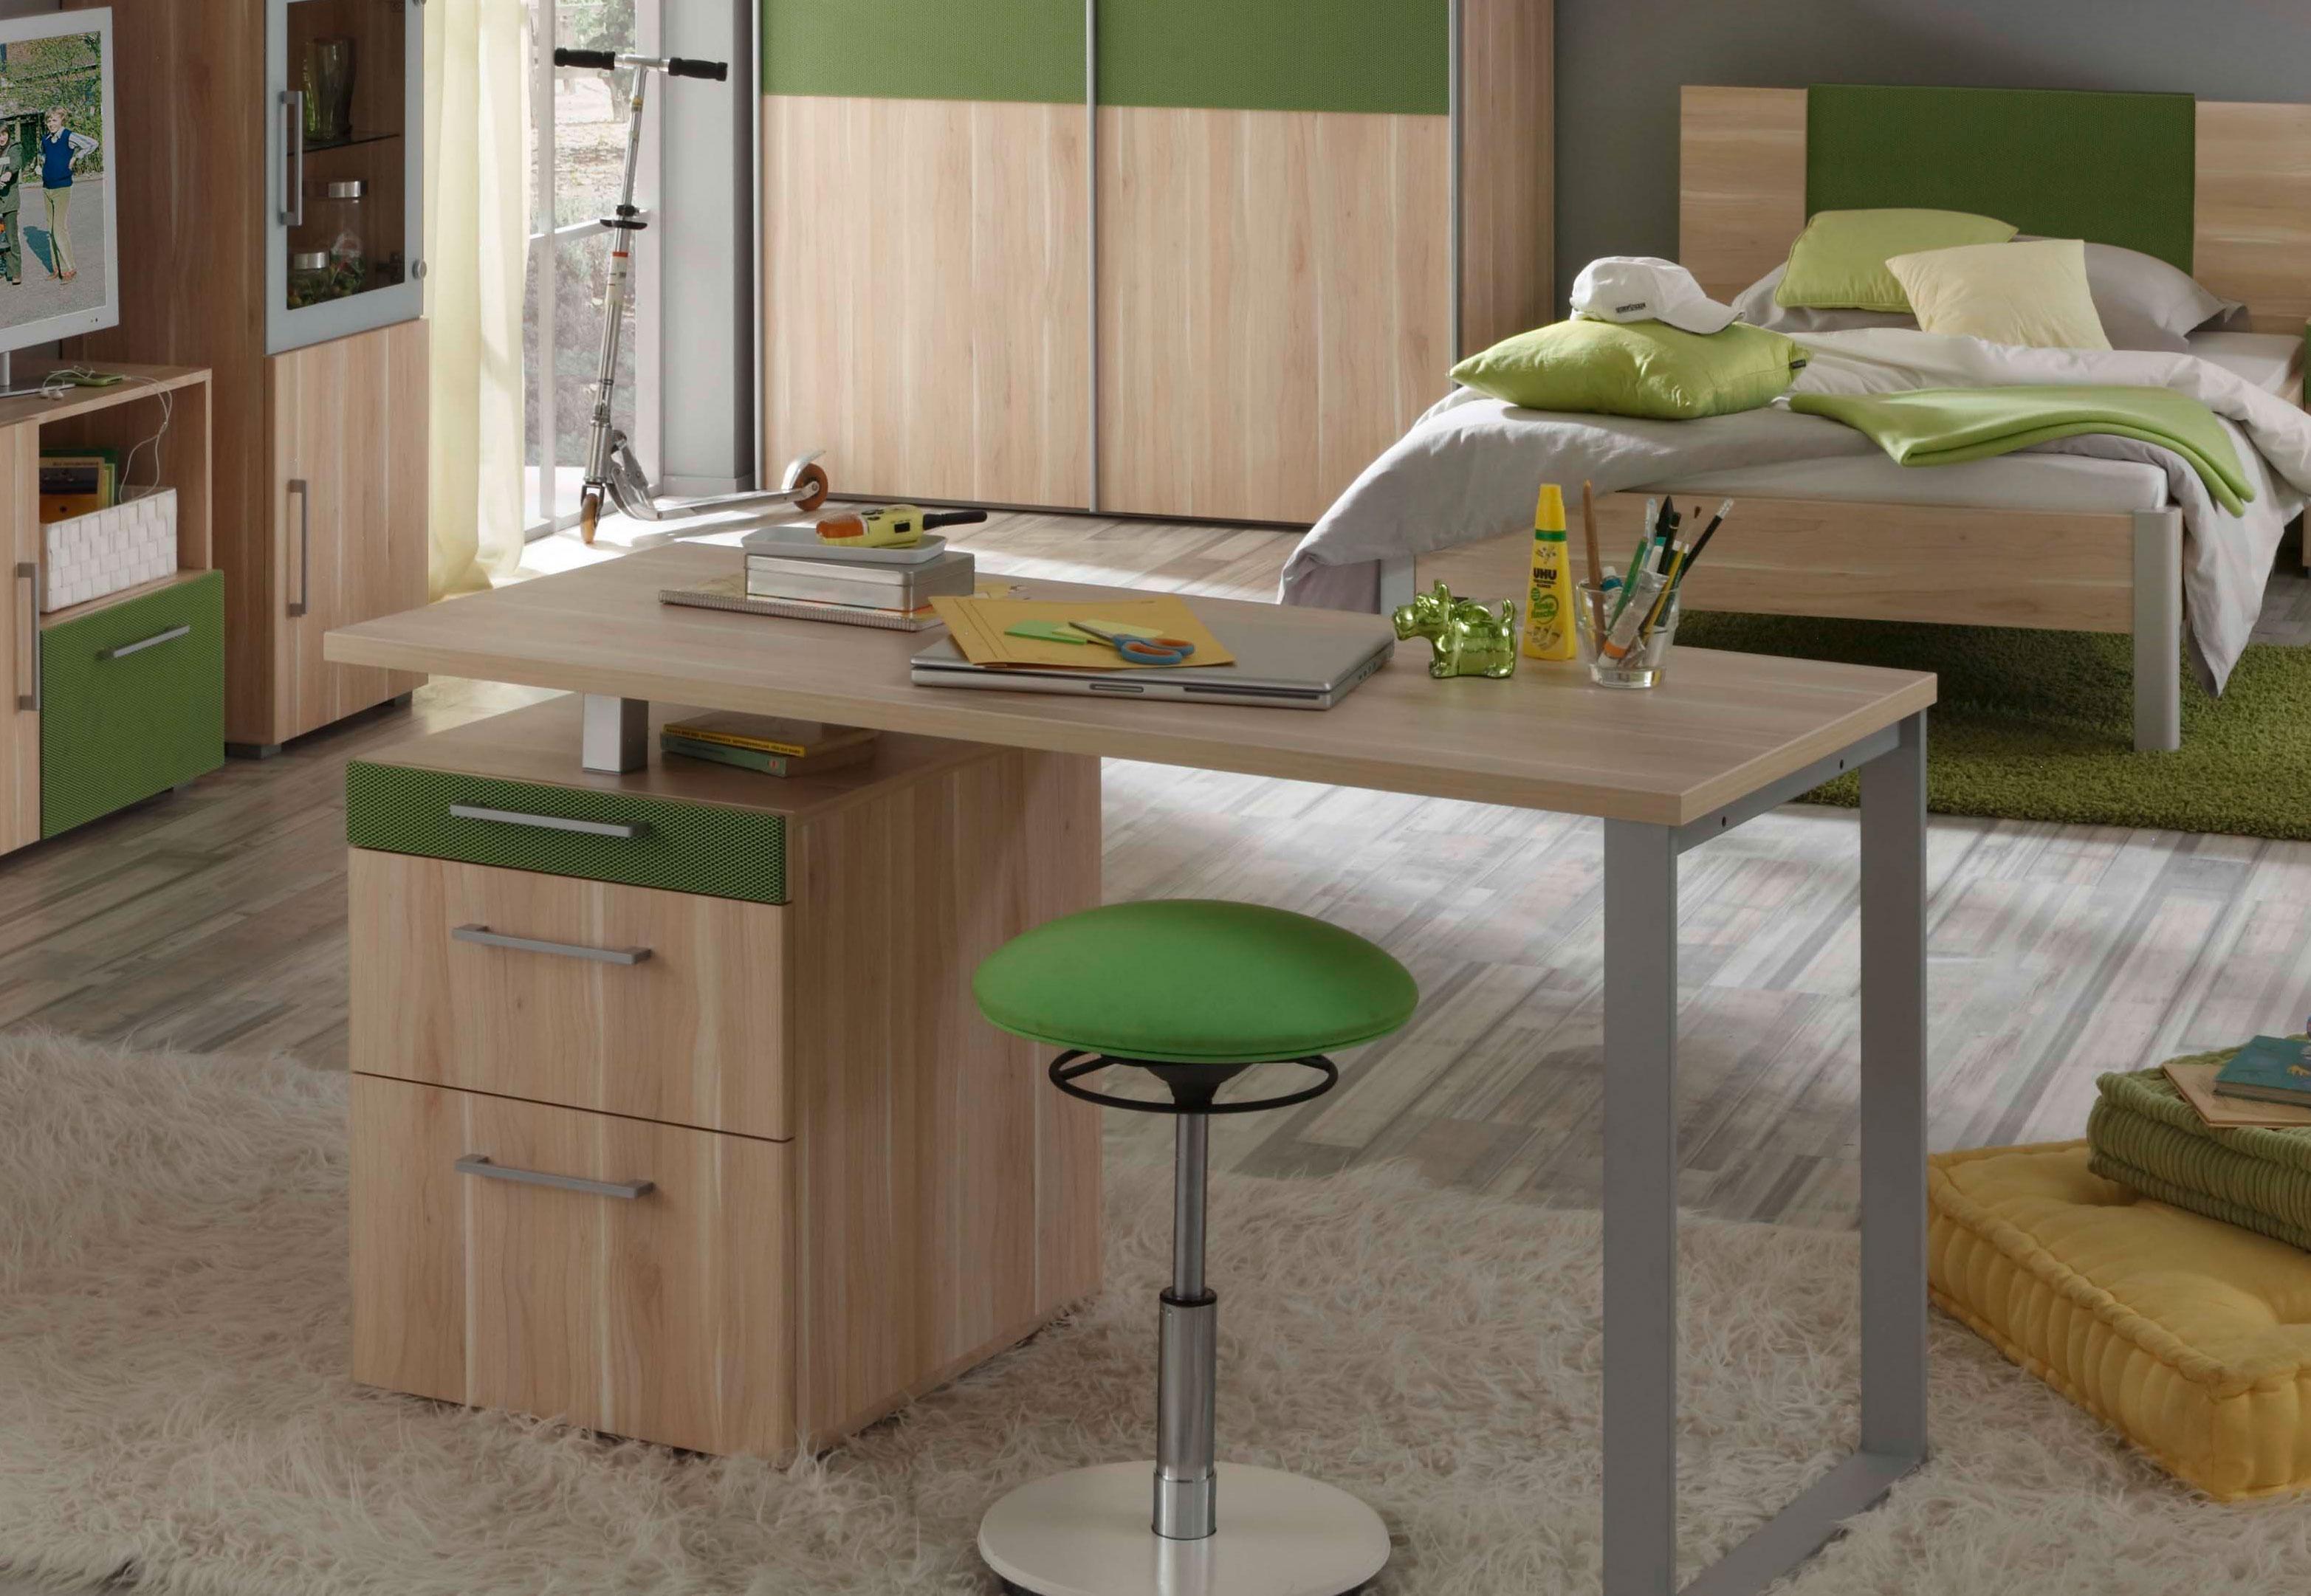 jugendzimmer enduro plus von prenneis in apfelbaum gr n m bel letz ihr online shop. Black Bedroom Furniture Sets. Home Design Ideas